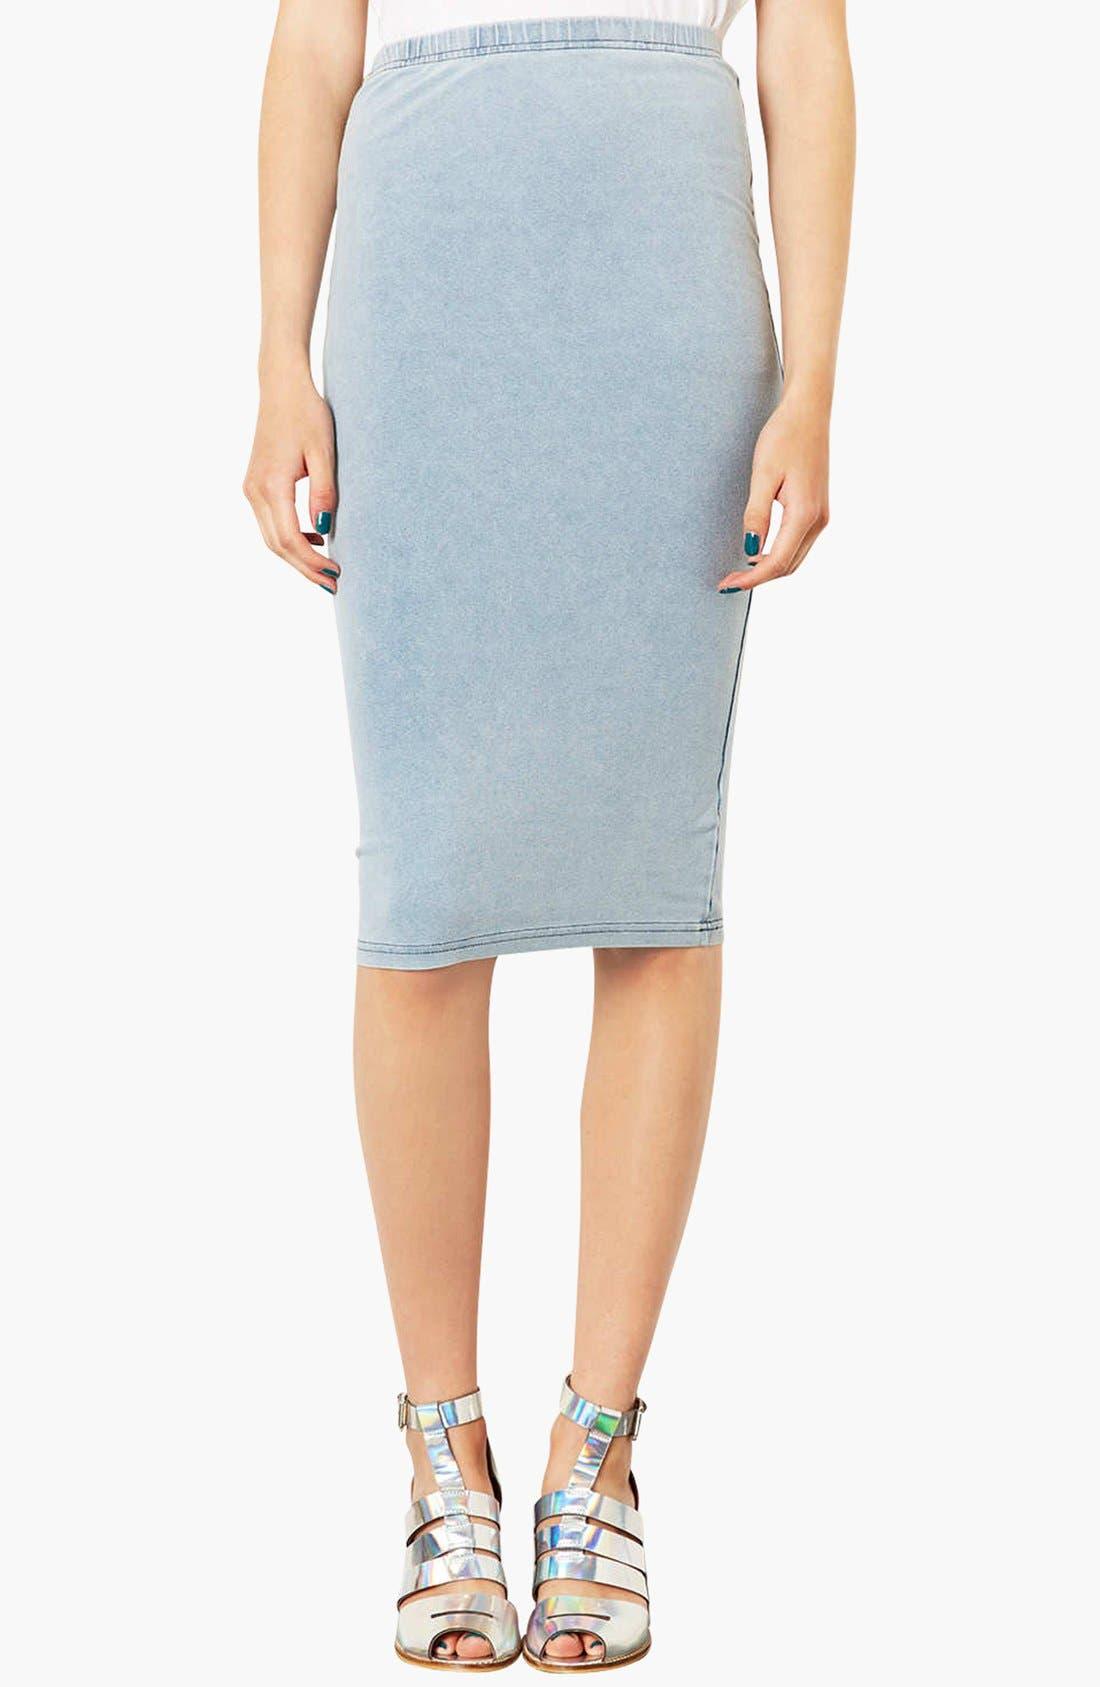 Main Image - Topshop 'Denim Look' Tube Skirt